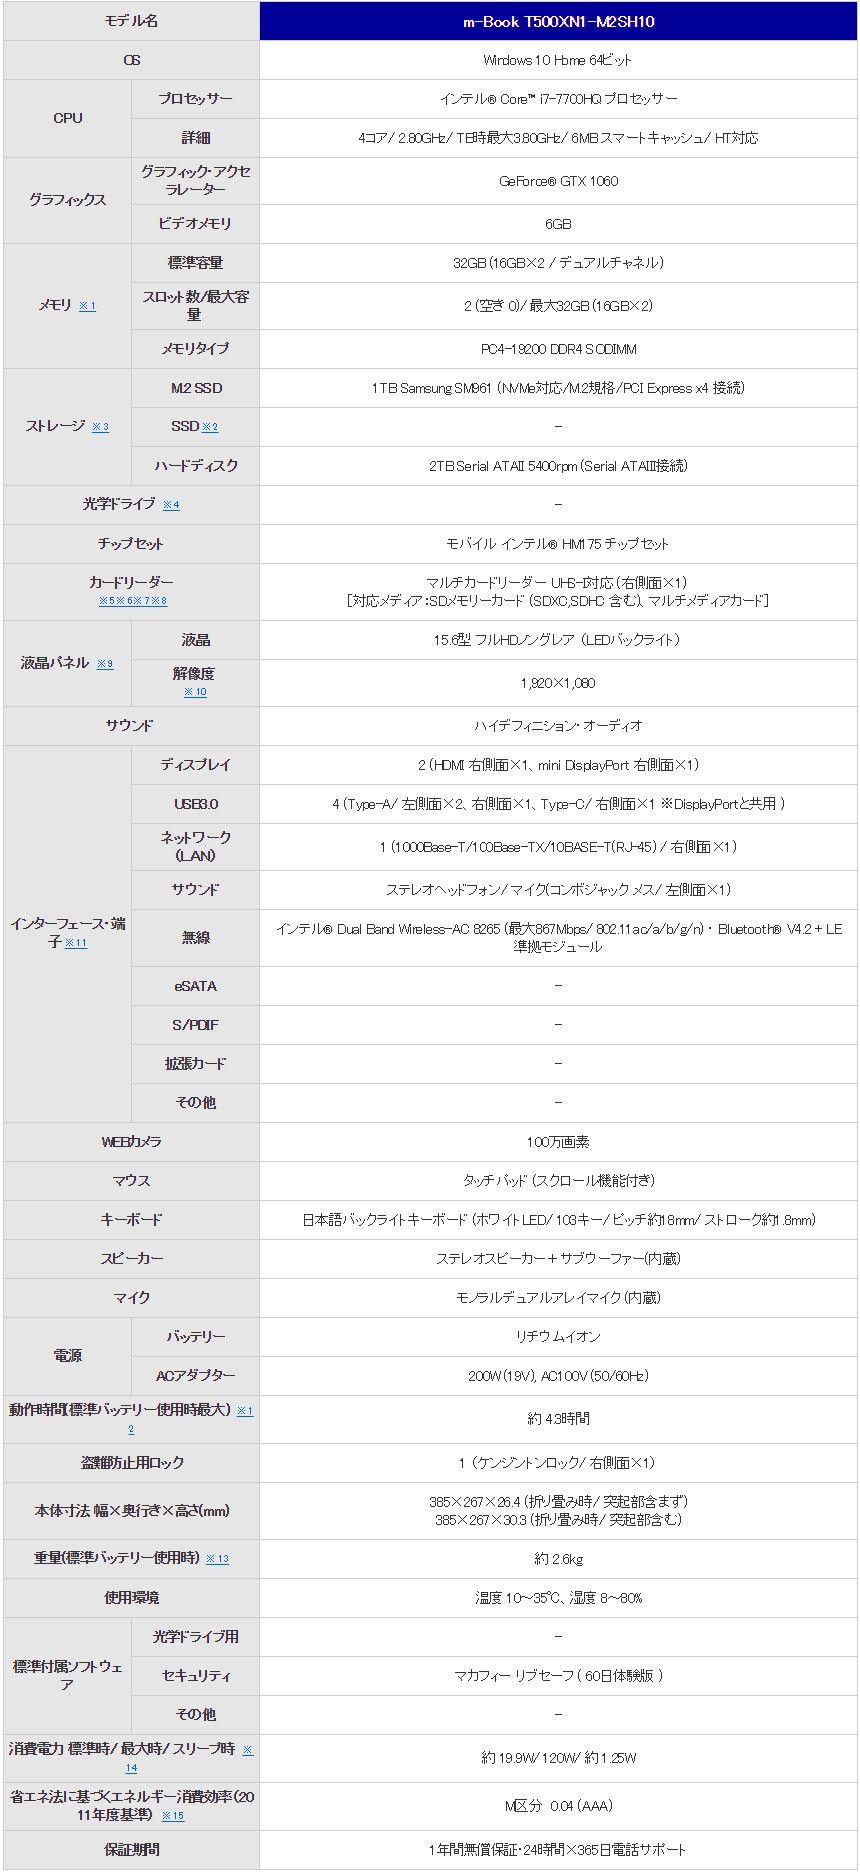 マウス m-Book Tシリーズ スペック表